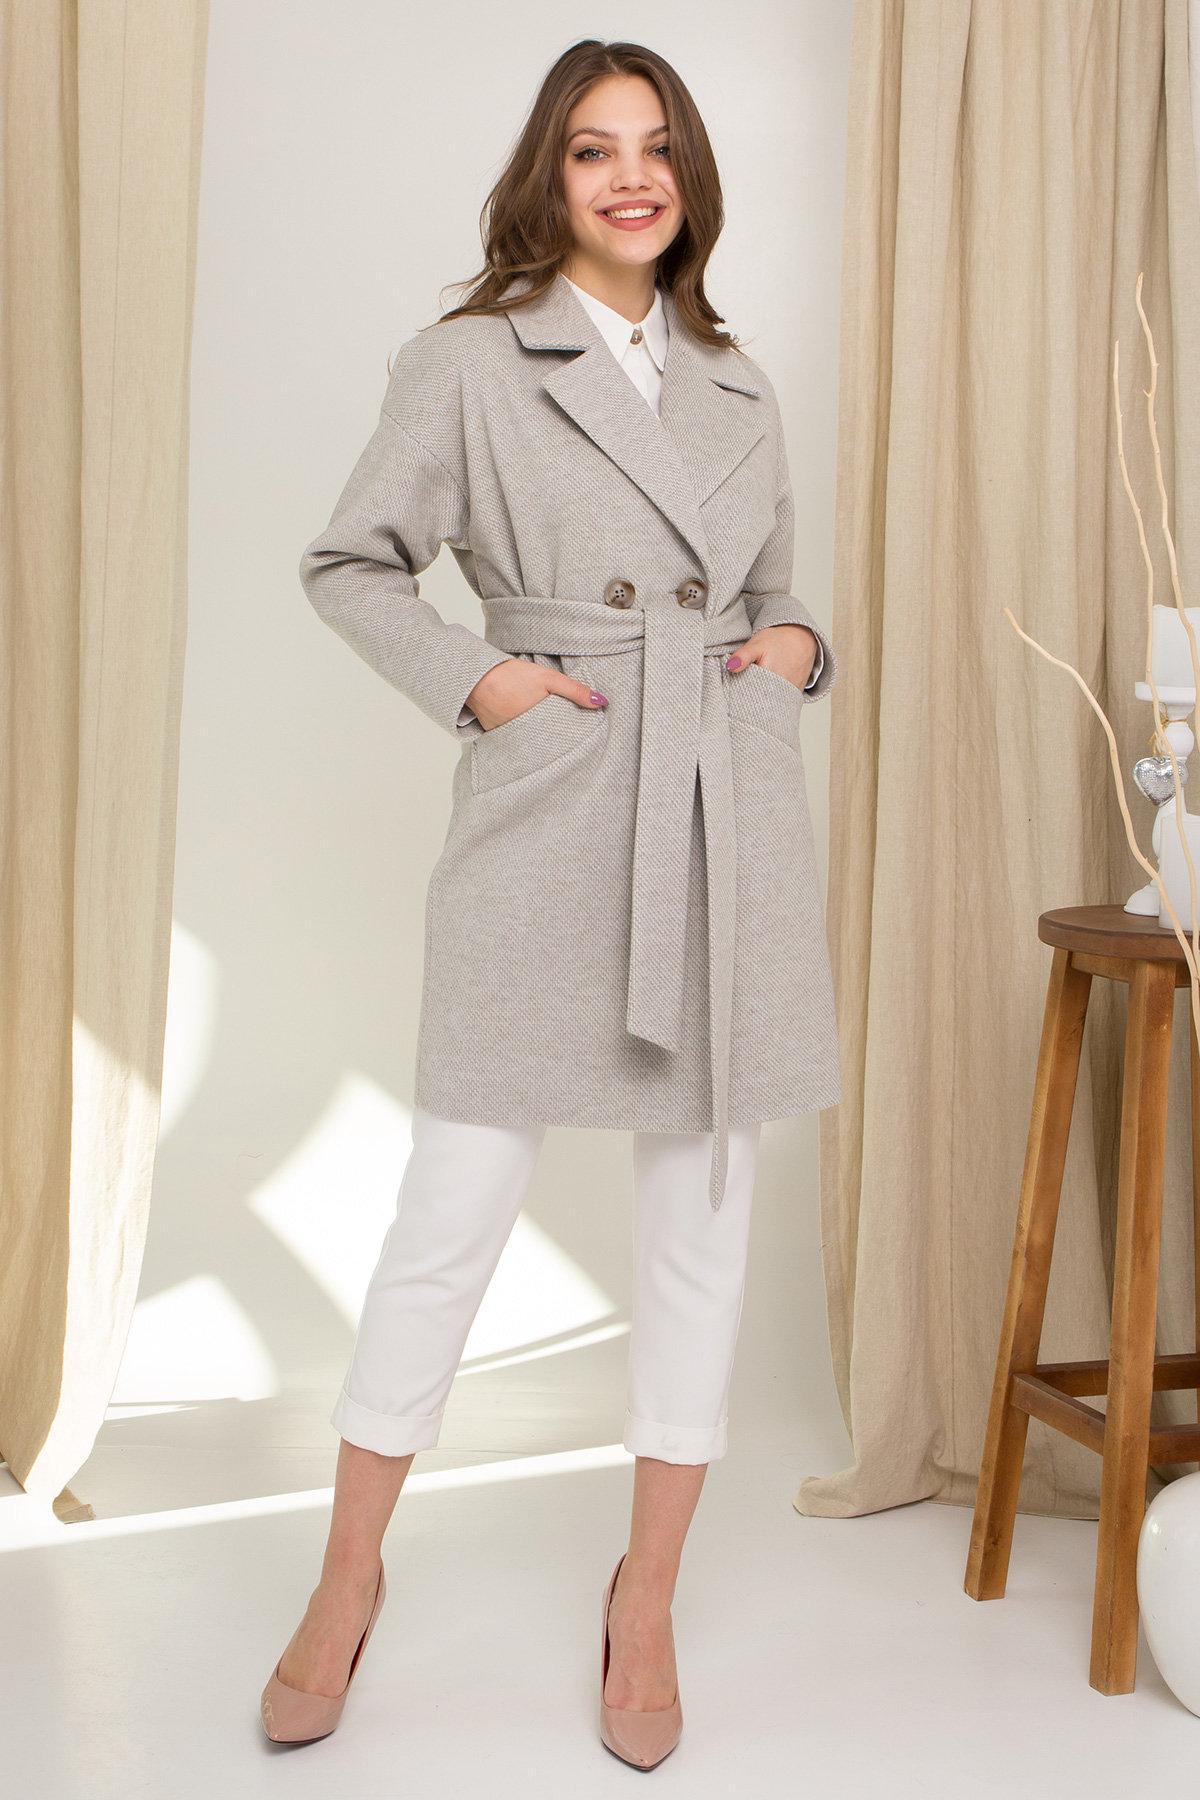 Купить демисезонное пальто от ТМ Modus Демисезонное двубортное пальто Сенсей 8845